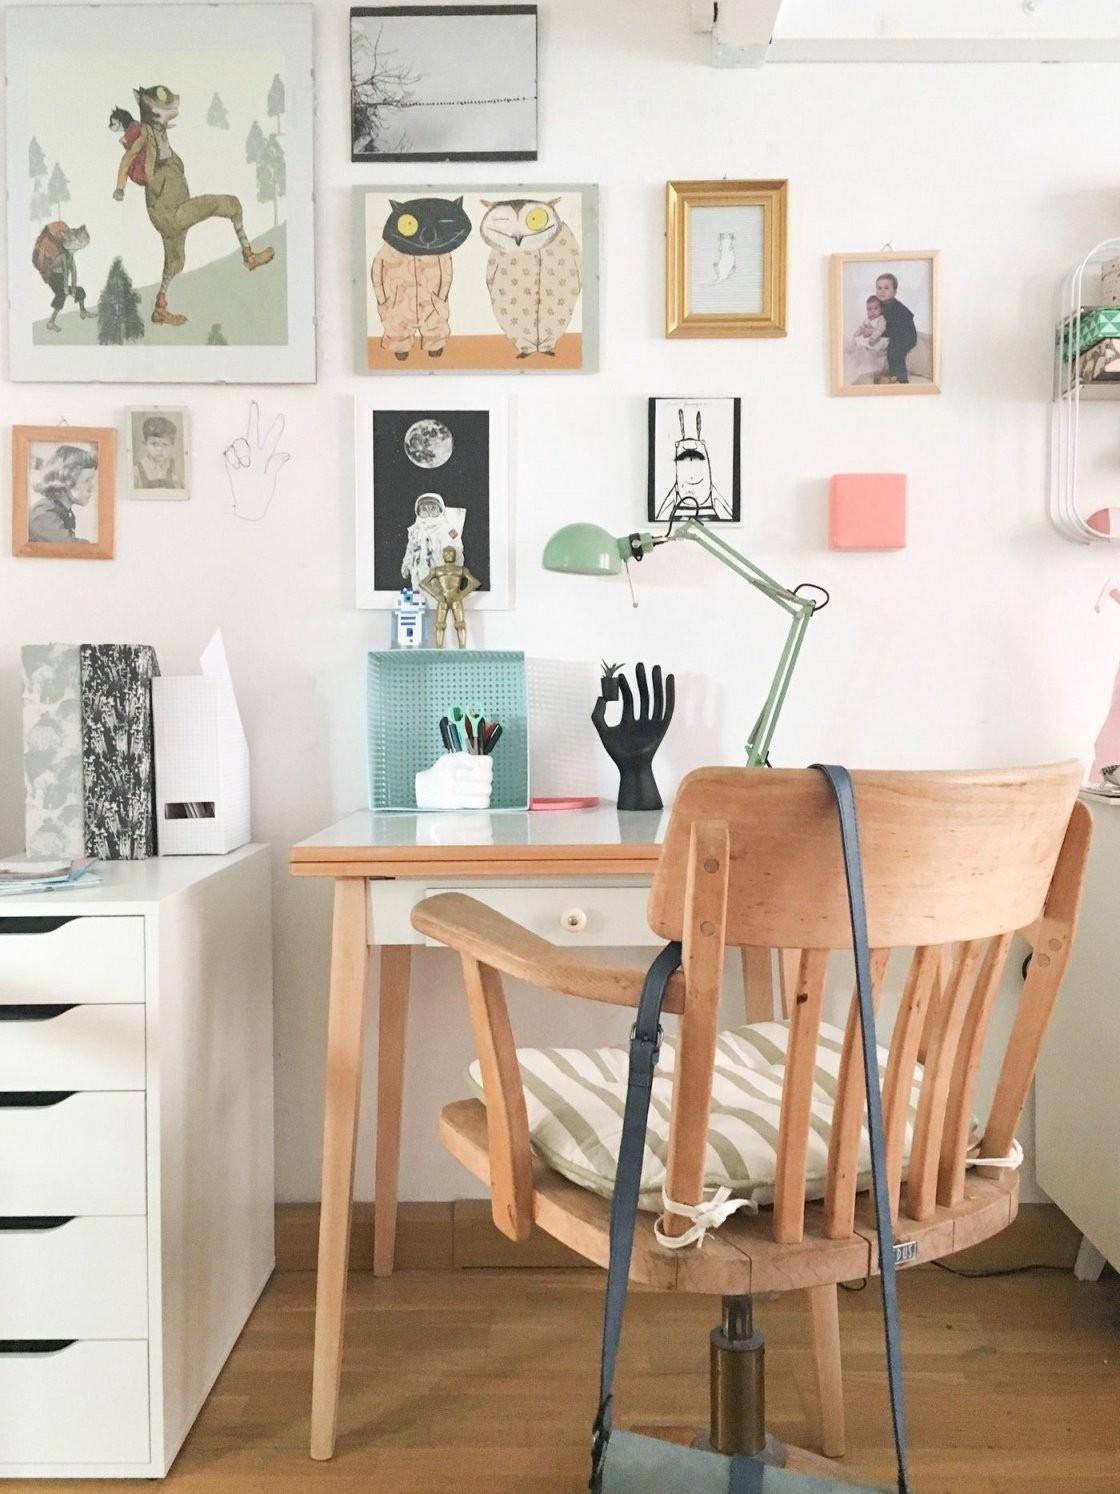 Büro Einrichten  Die Besten Ideen Für Dein Home Office von Büro Ideen Für Zuhause Bild